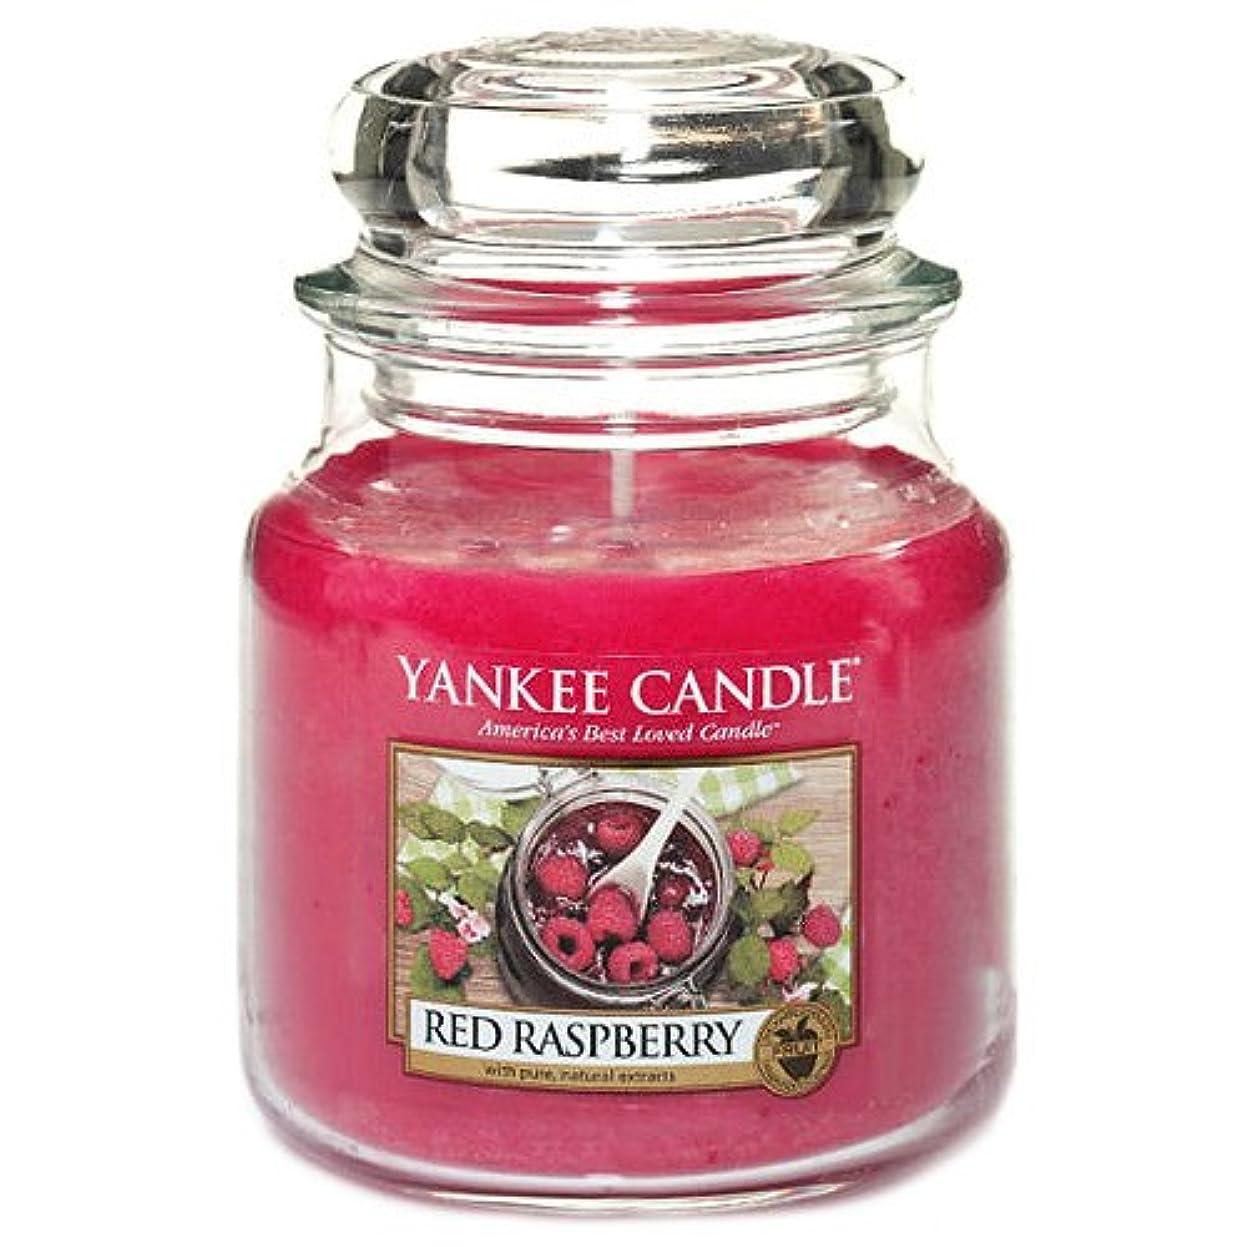 ユニークな地獄ピカソYankee Candleレッドラズベリーミディアムジャーキャンドル、フルーツ香り